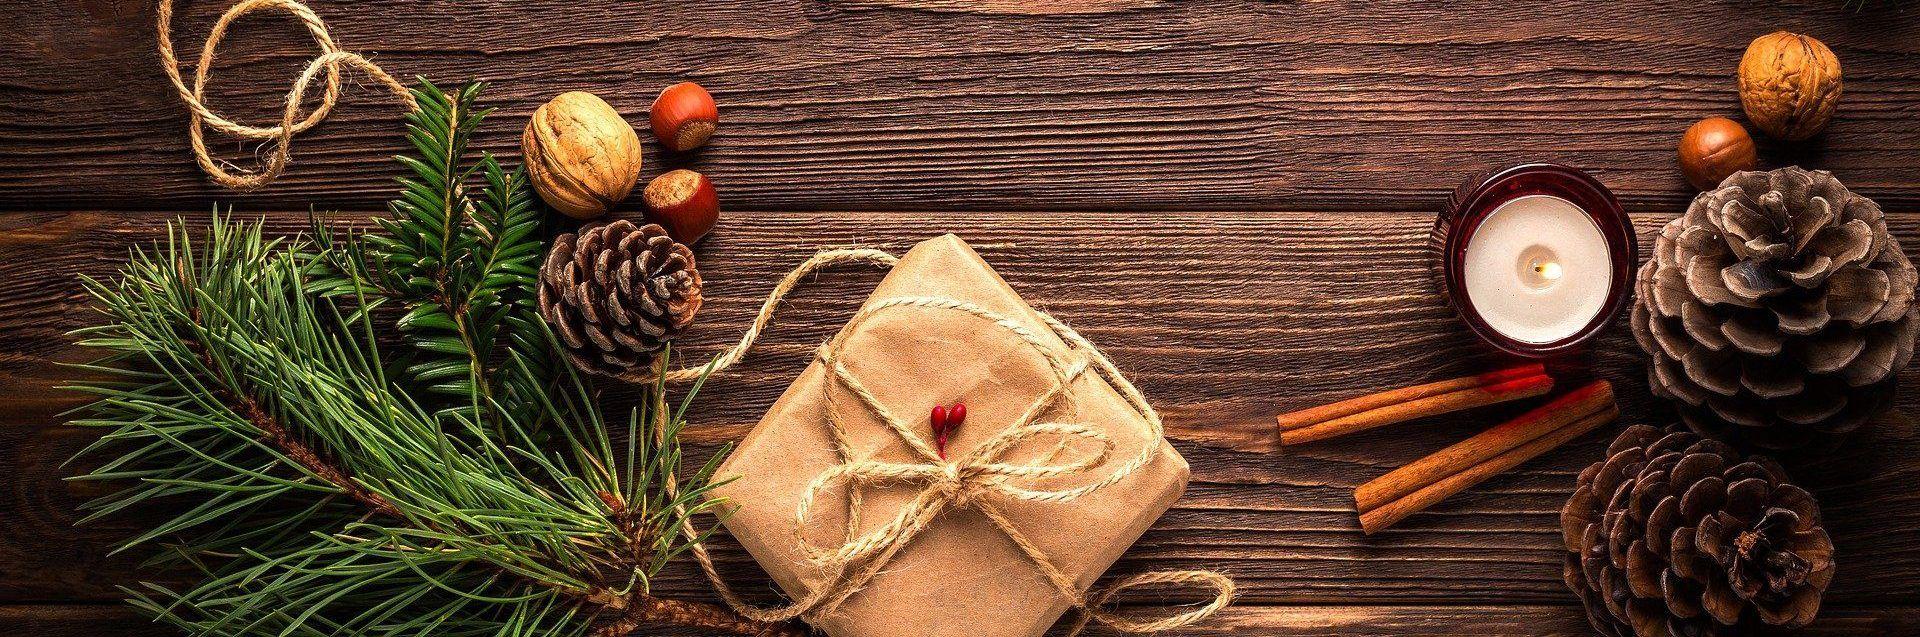 Weihnachtsbild: Tisch mit Geschenk und Dekoration